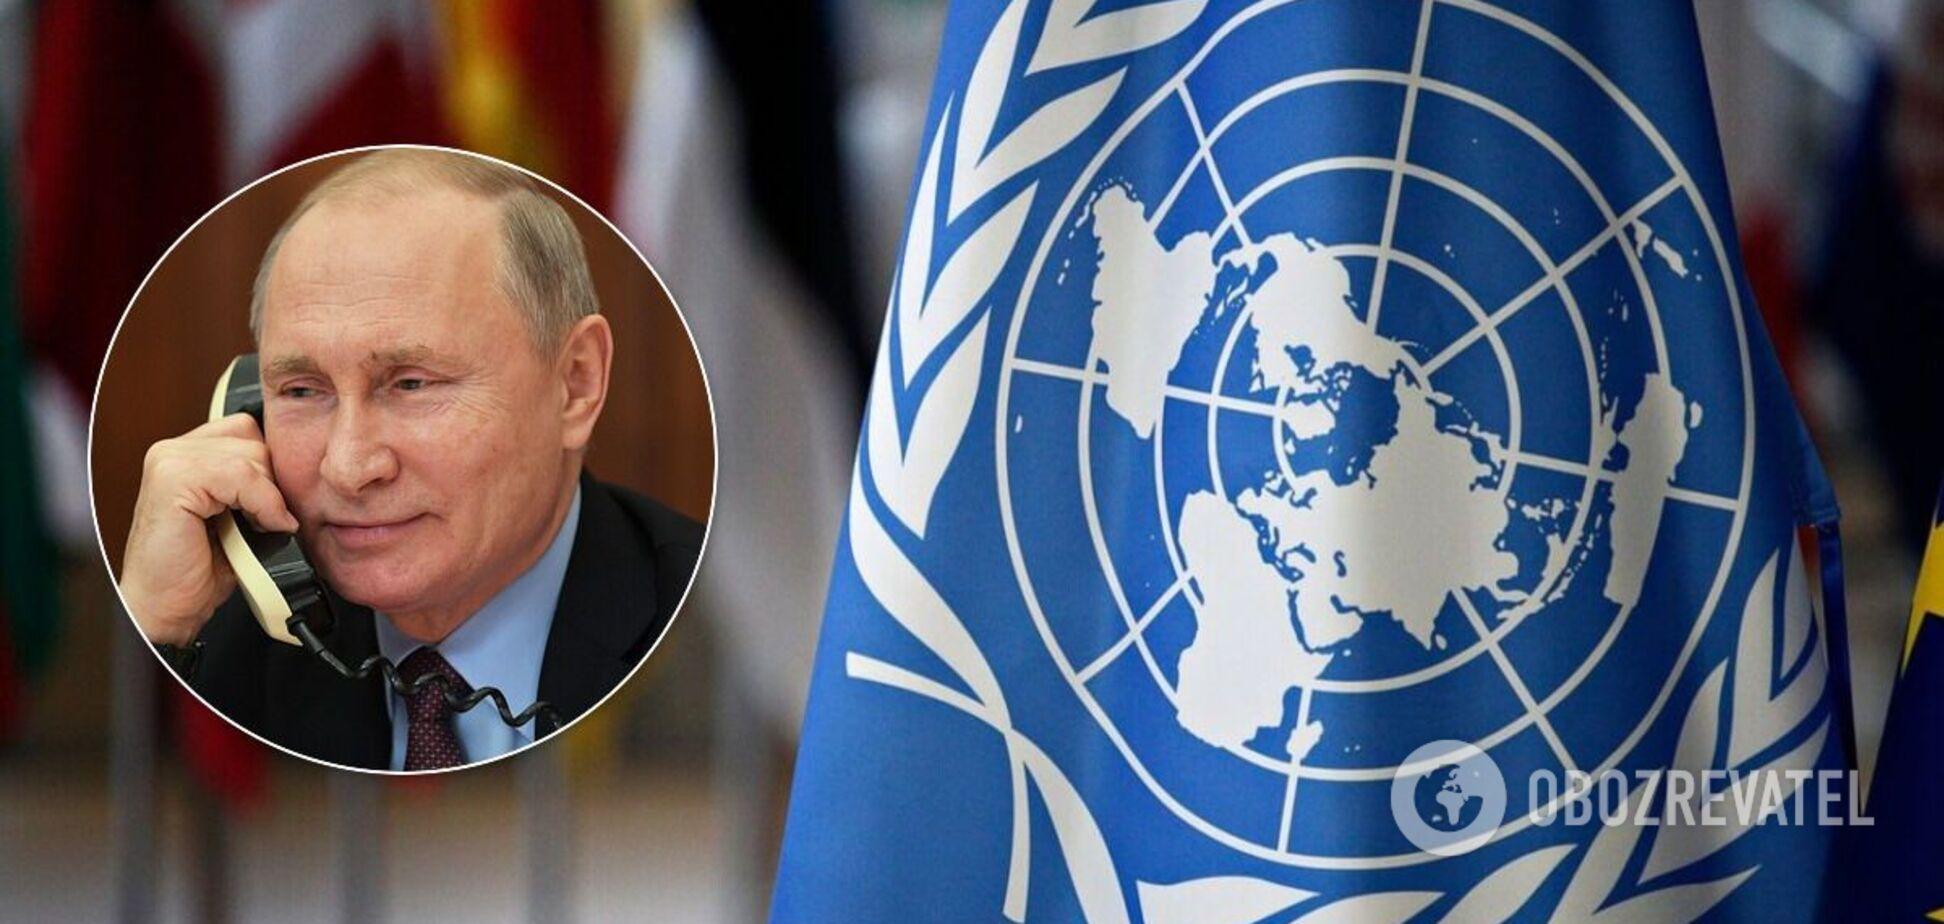 Дипломат объяснил, почему Россию не исключат из ООН за агрессию